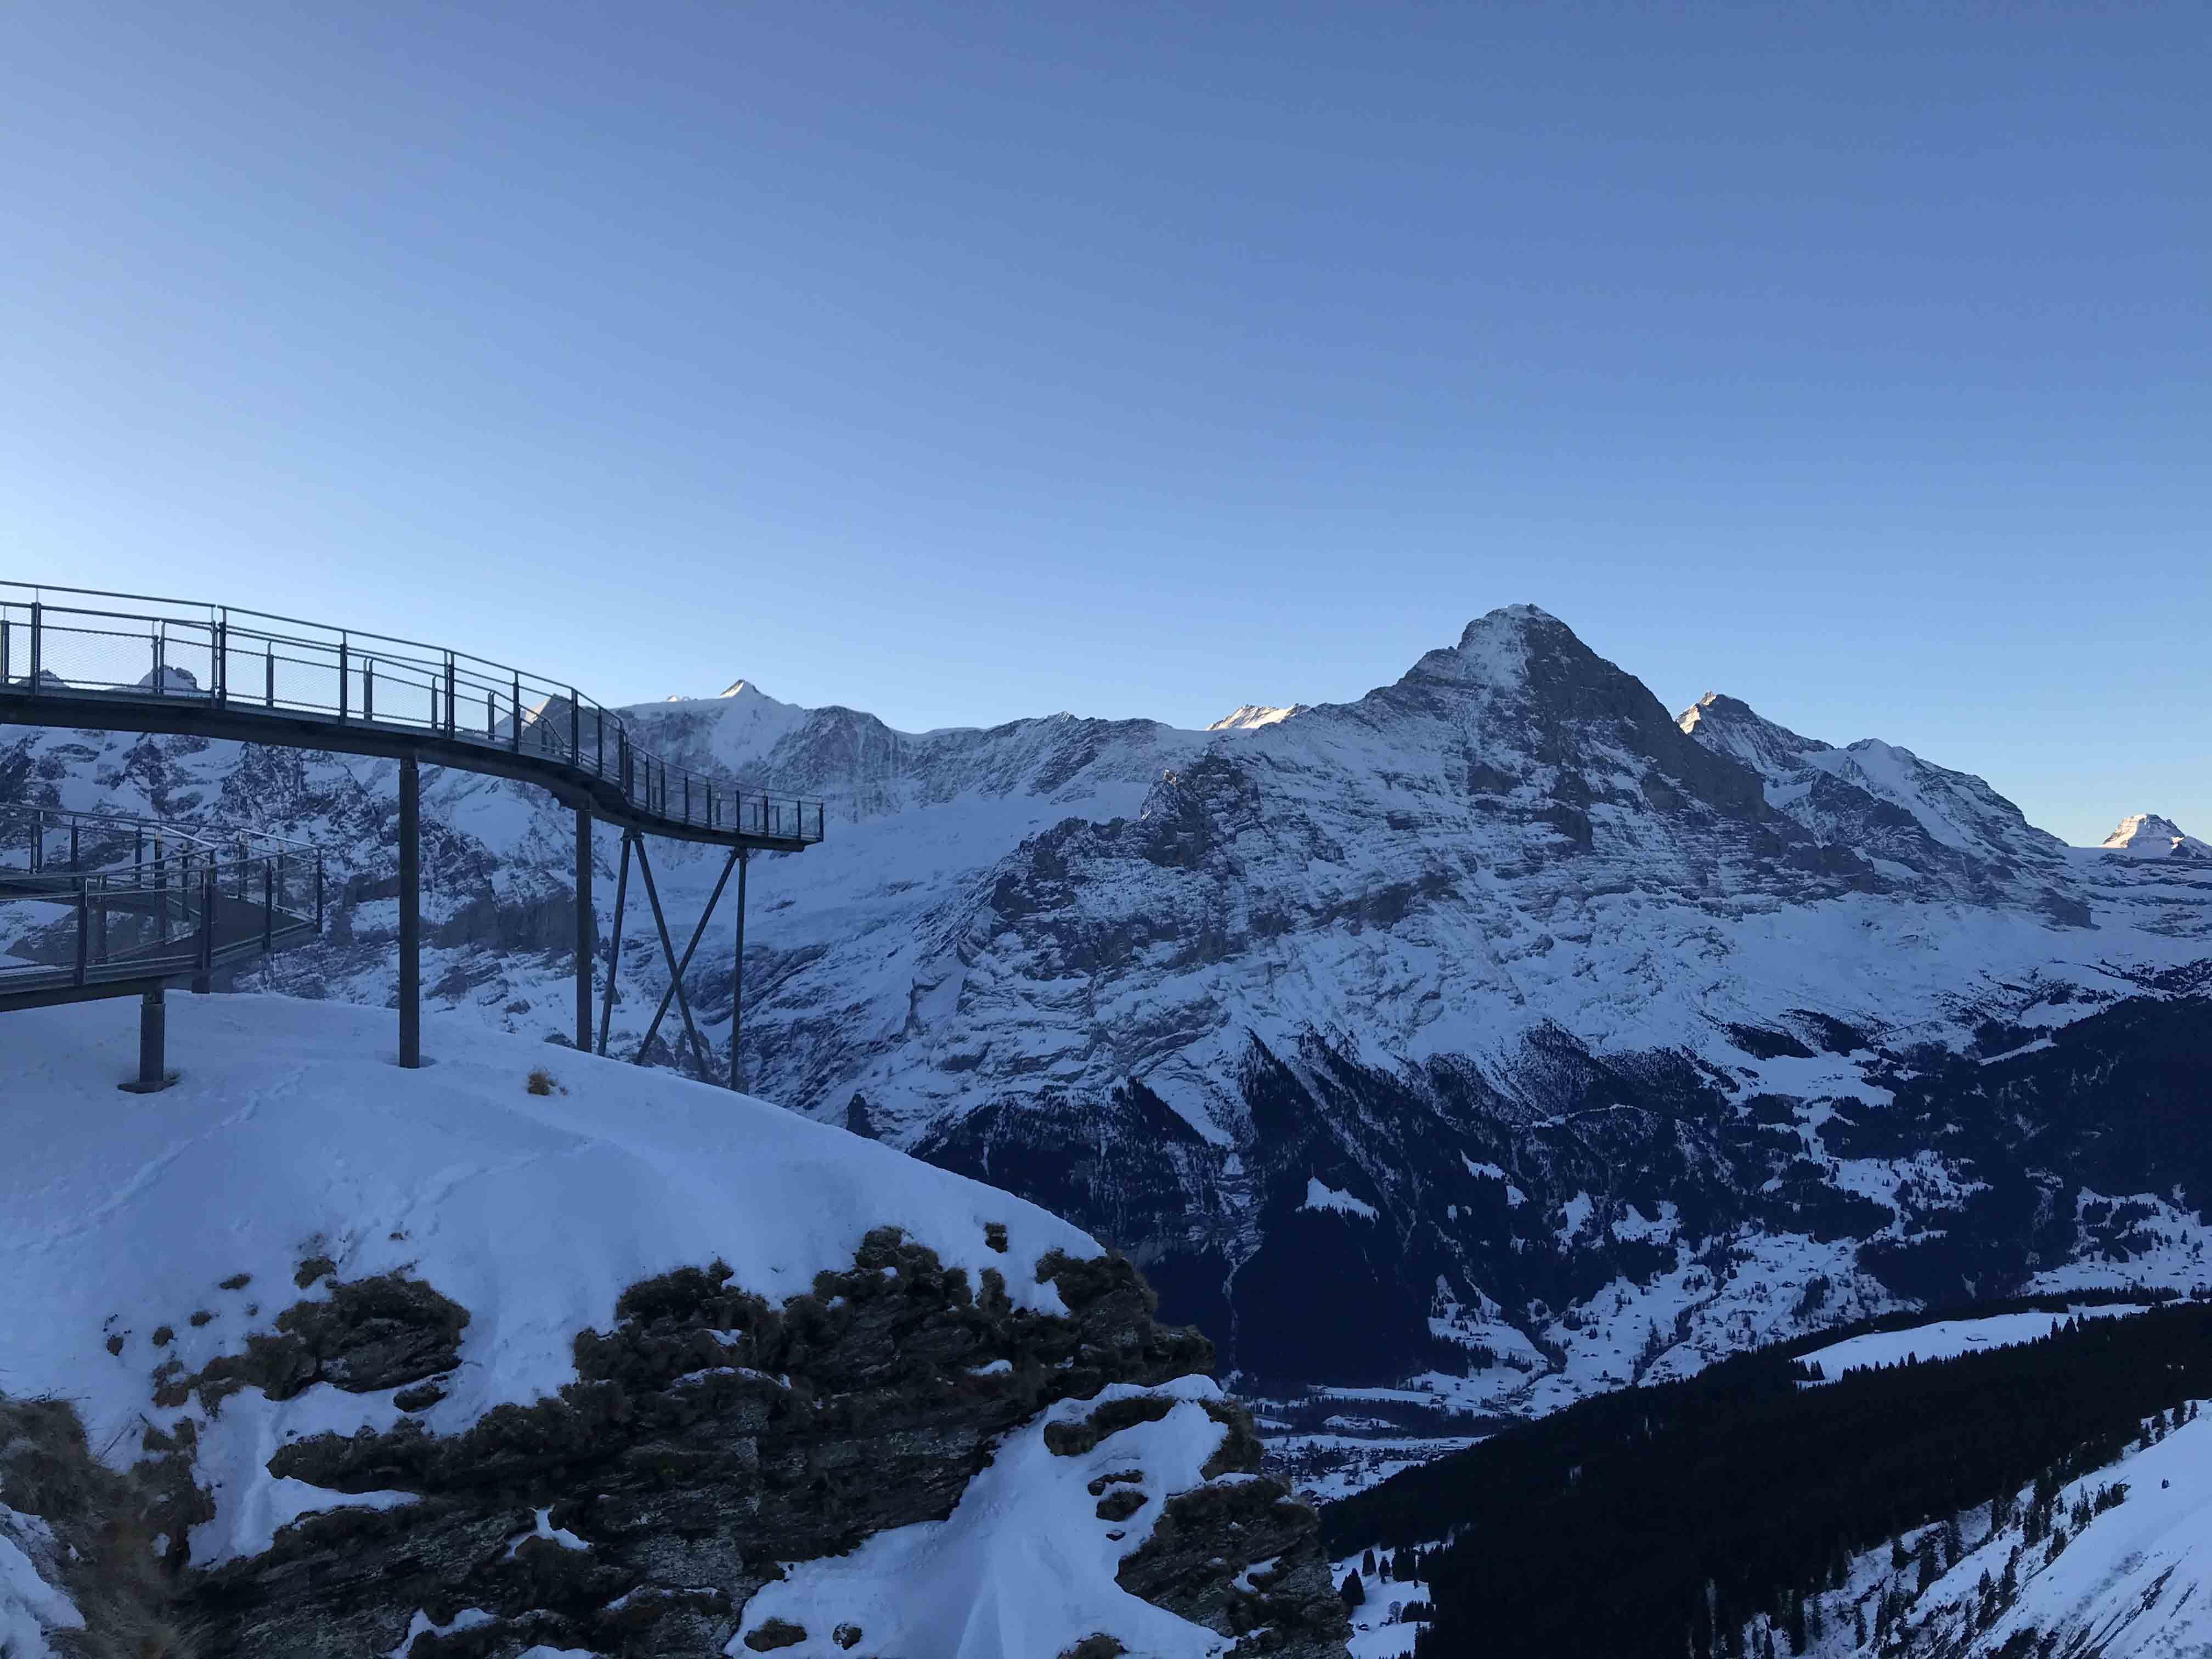 Ferienwohnung Chalet Anemone Grindelwald-First Cliff Walk im Winter